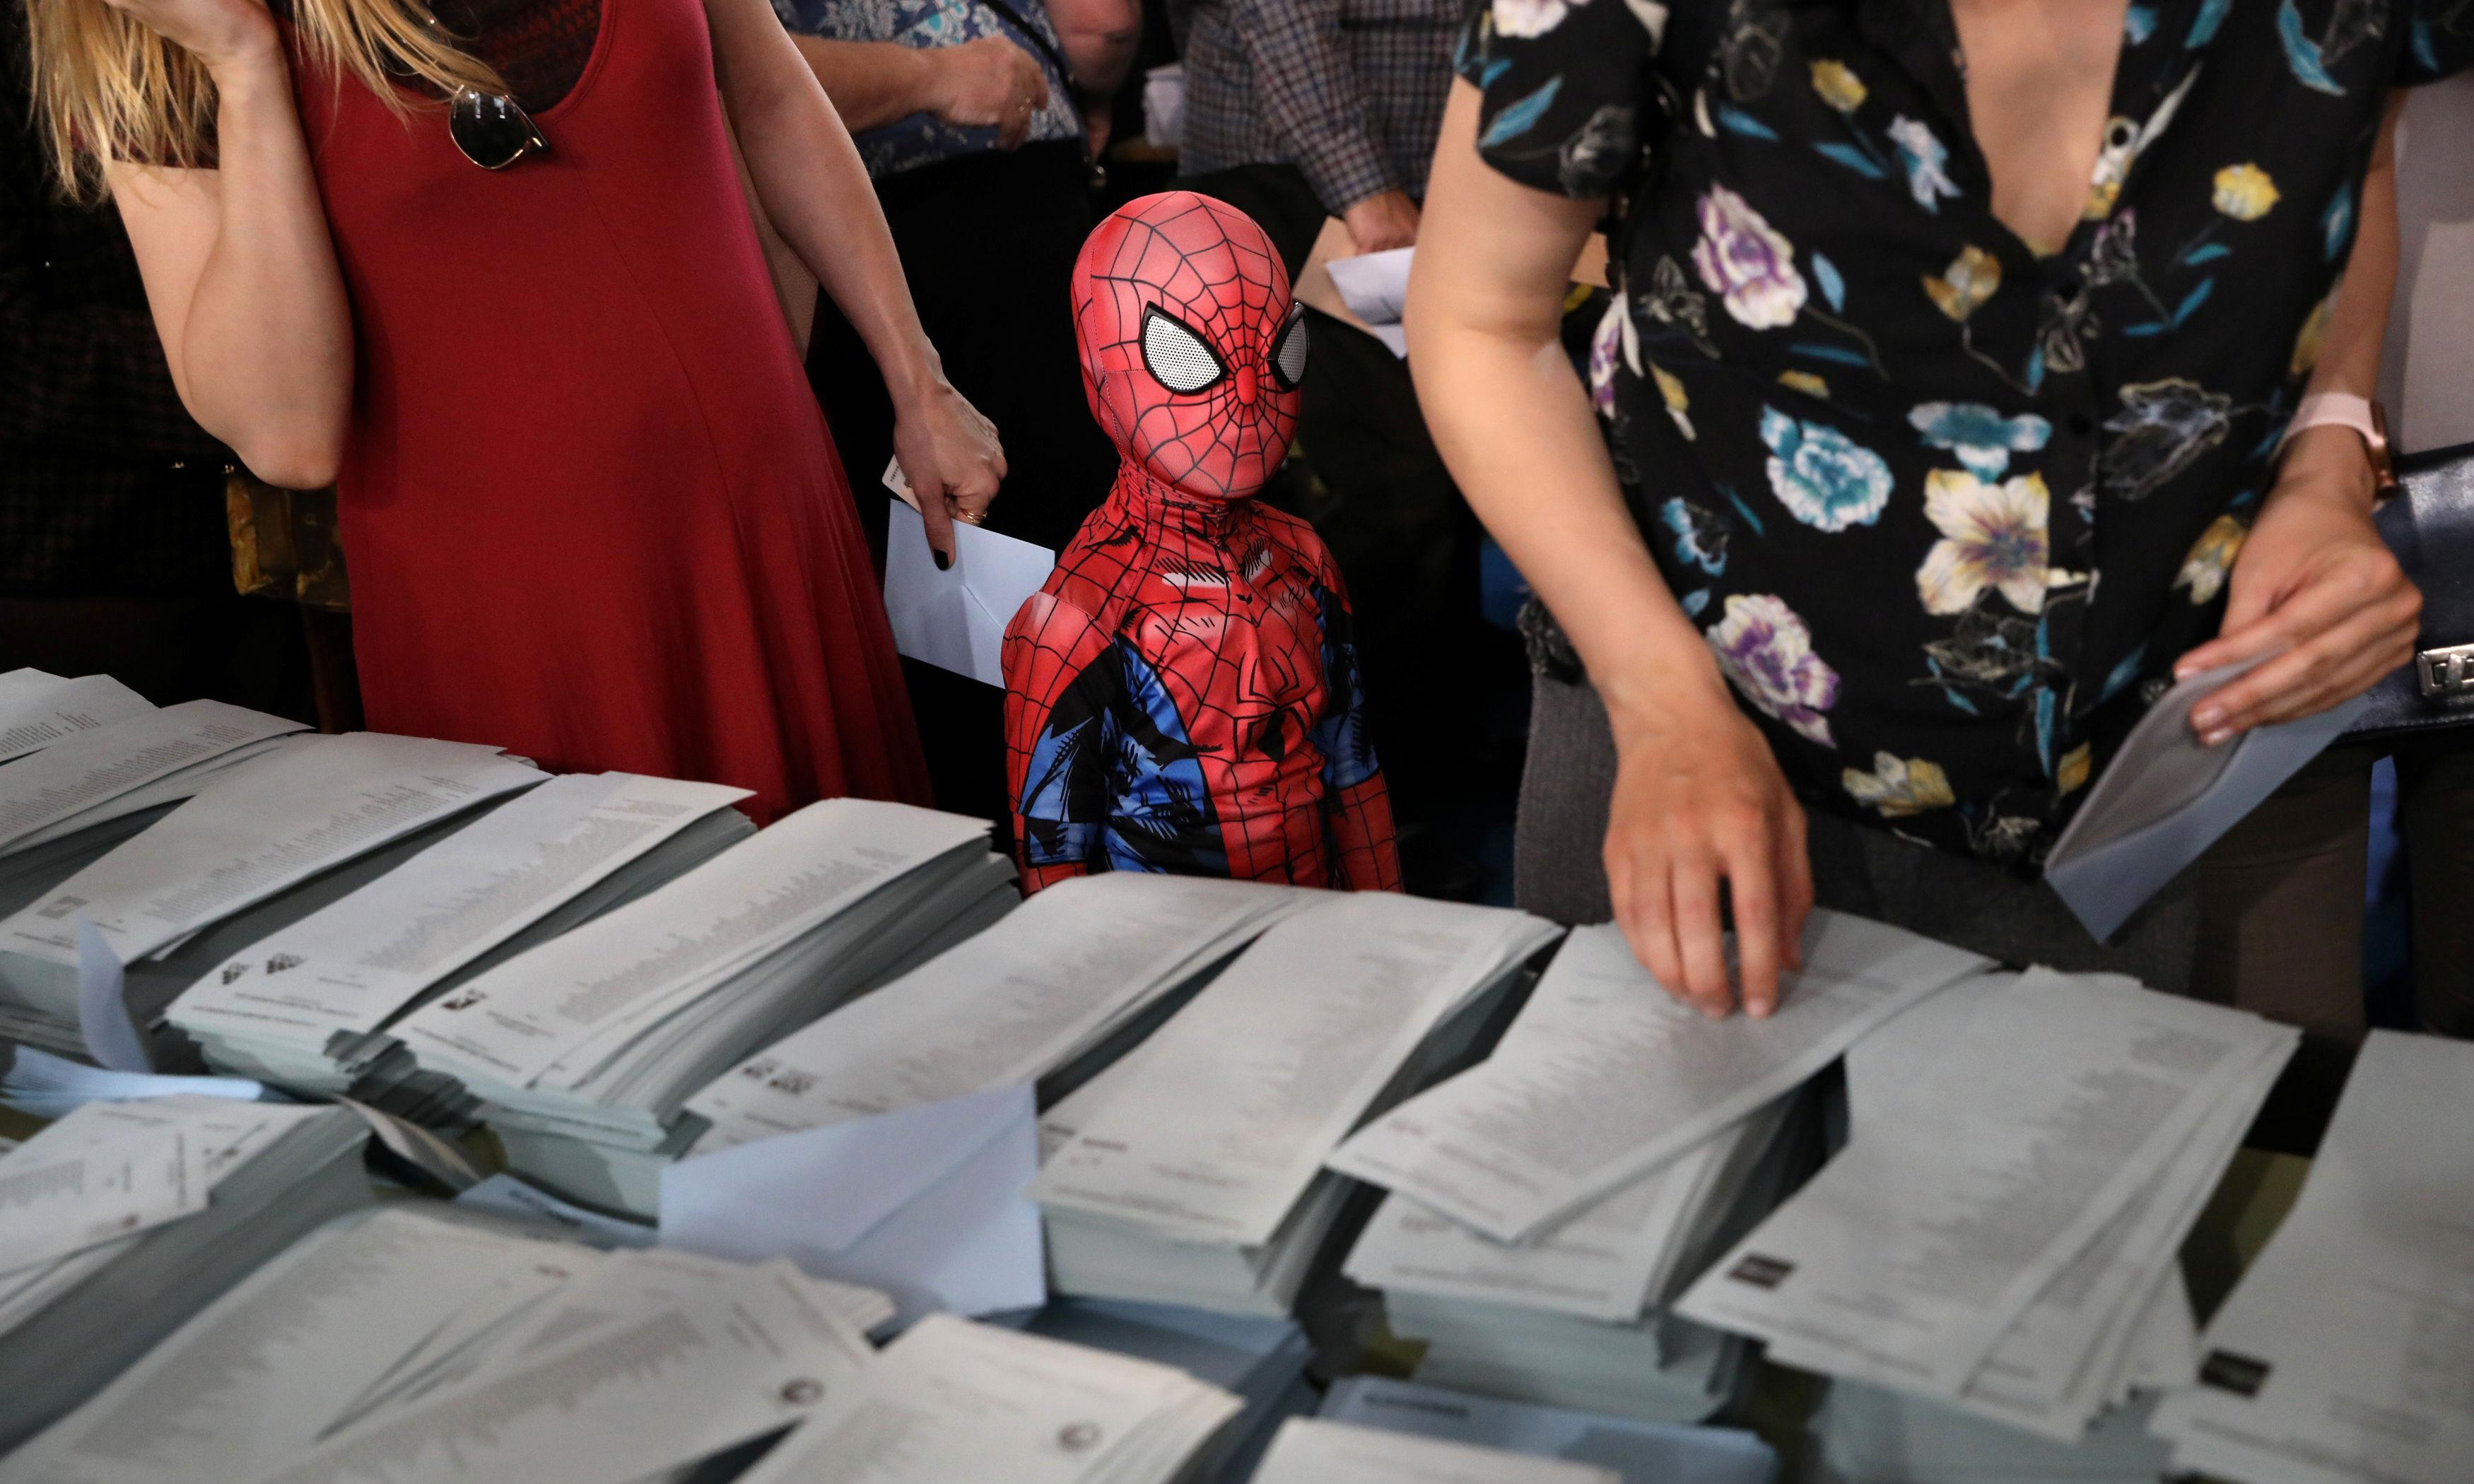 EU election turnout rises as political landscape fragments